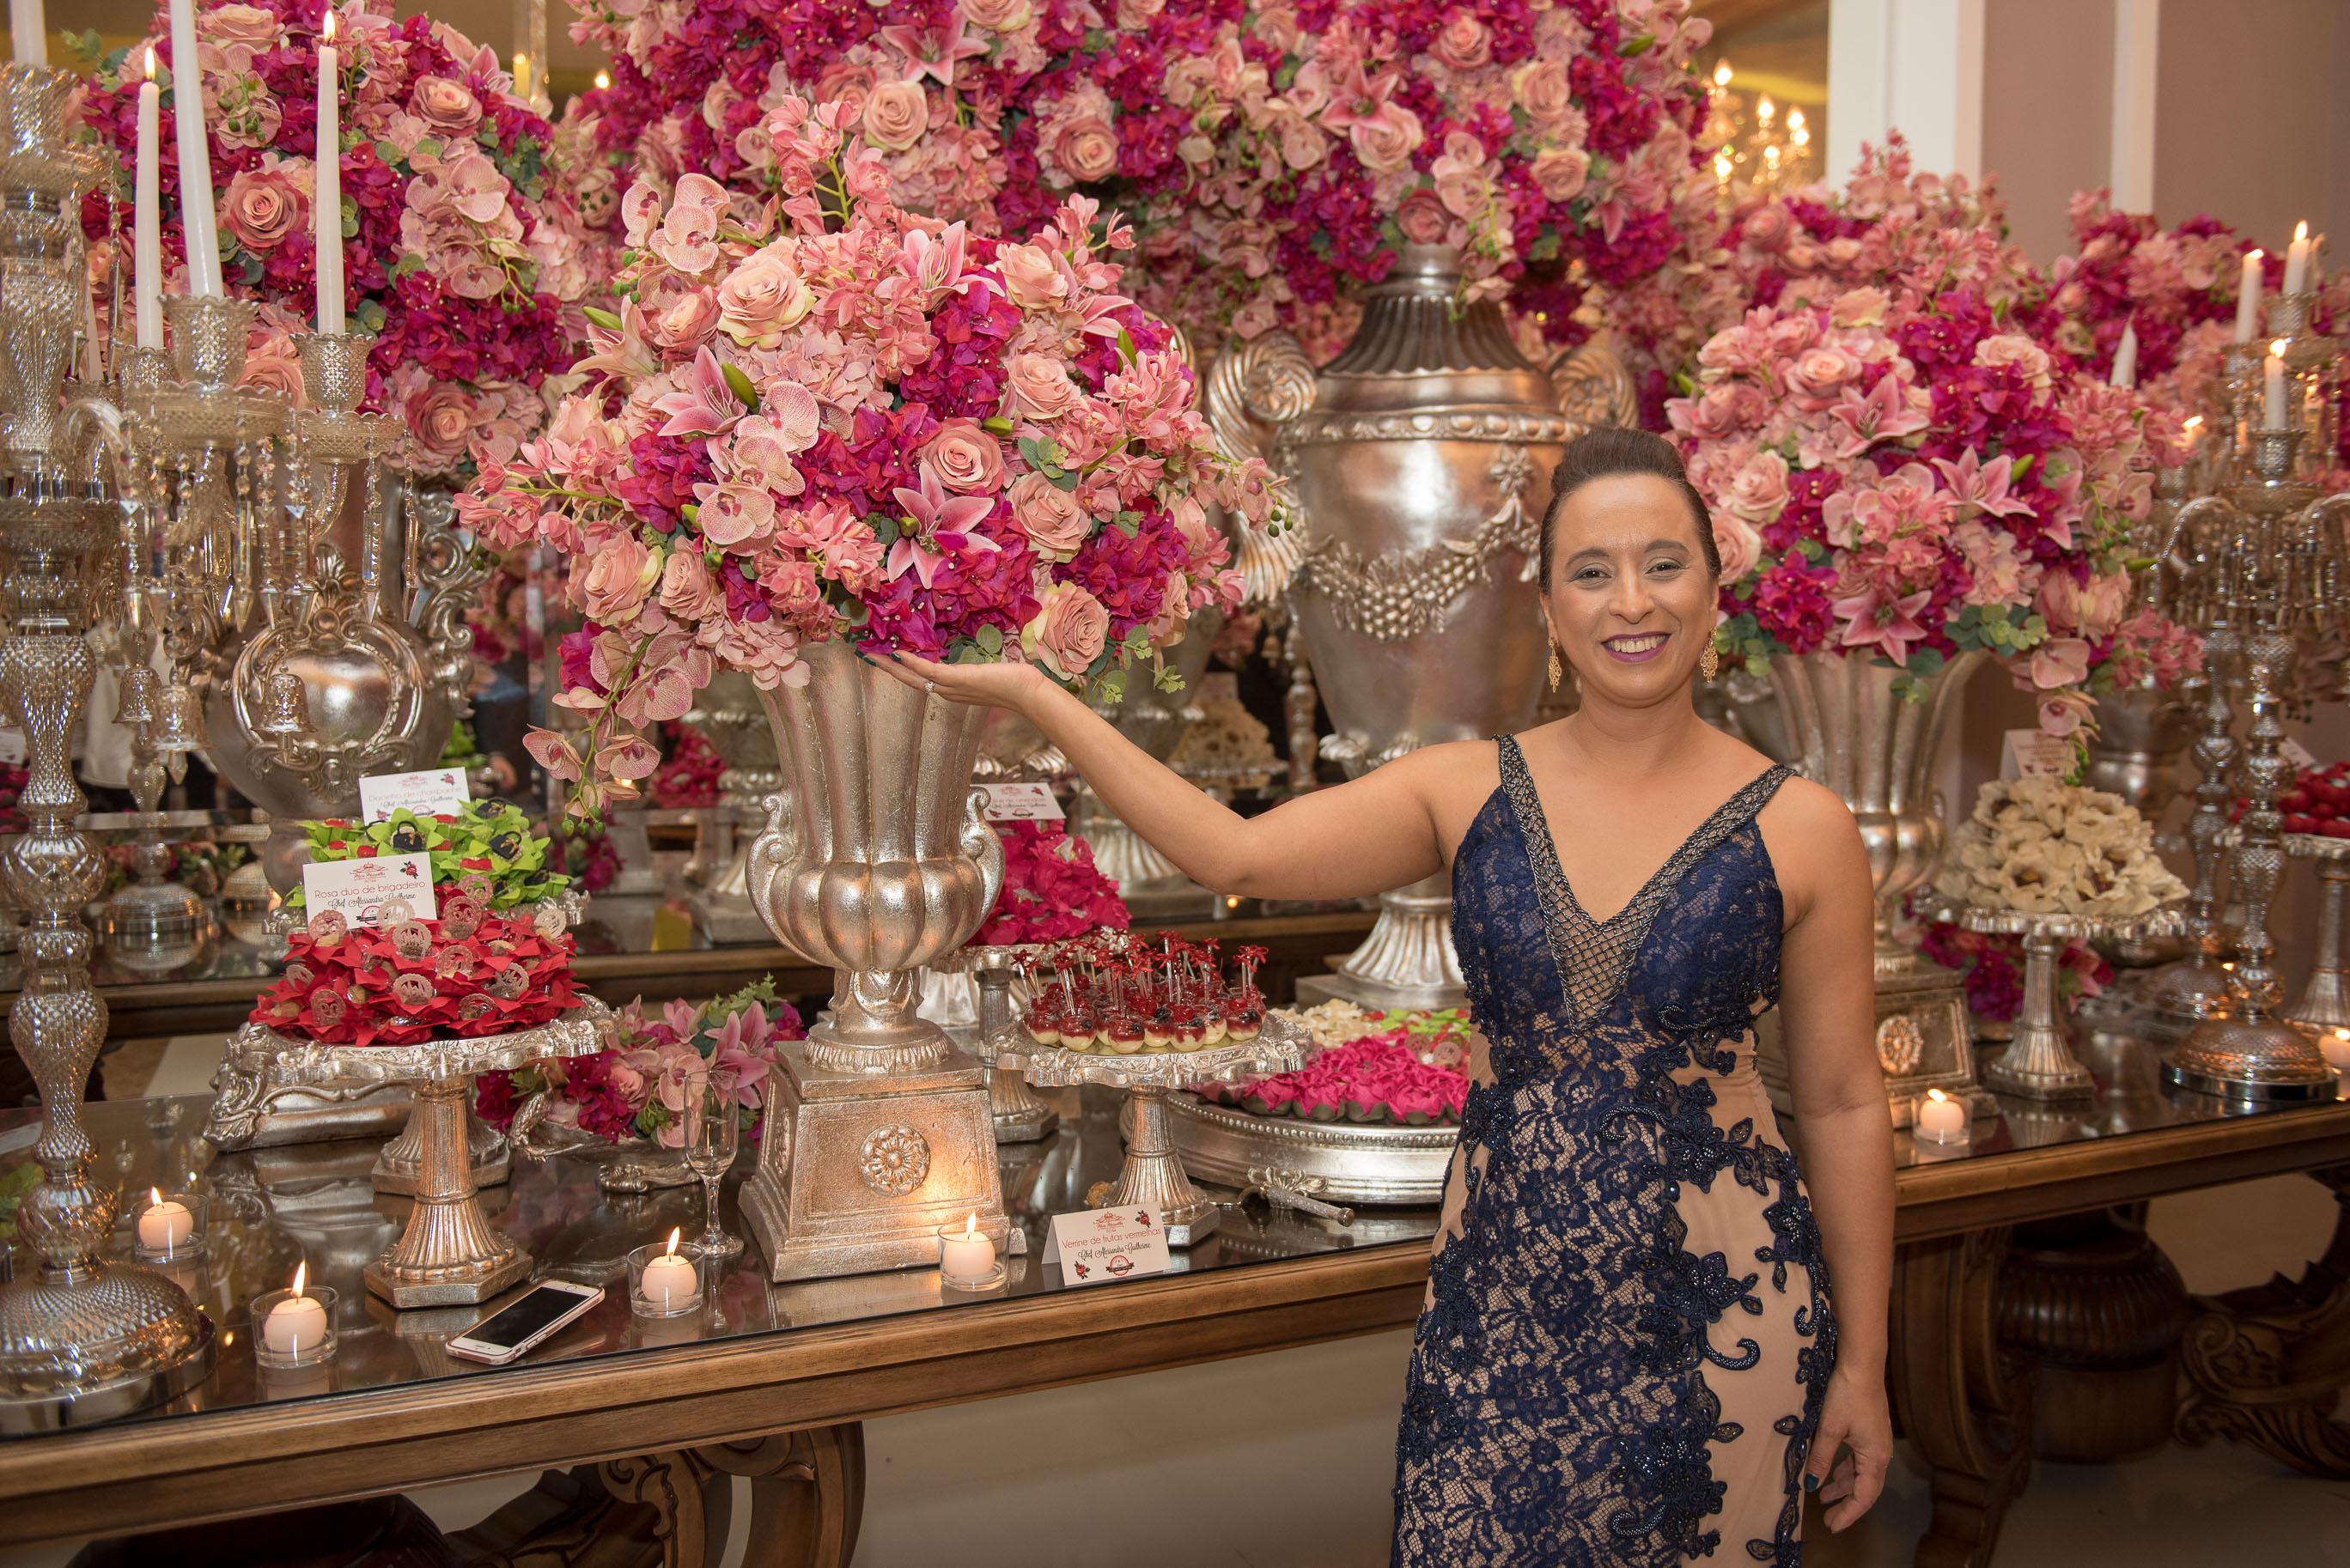 Val du Arte no aniversário de 50 anos da cantora Mara Maravilha em frente aos arranjos florais da mesa de bolo da Mansão Adélia Prado